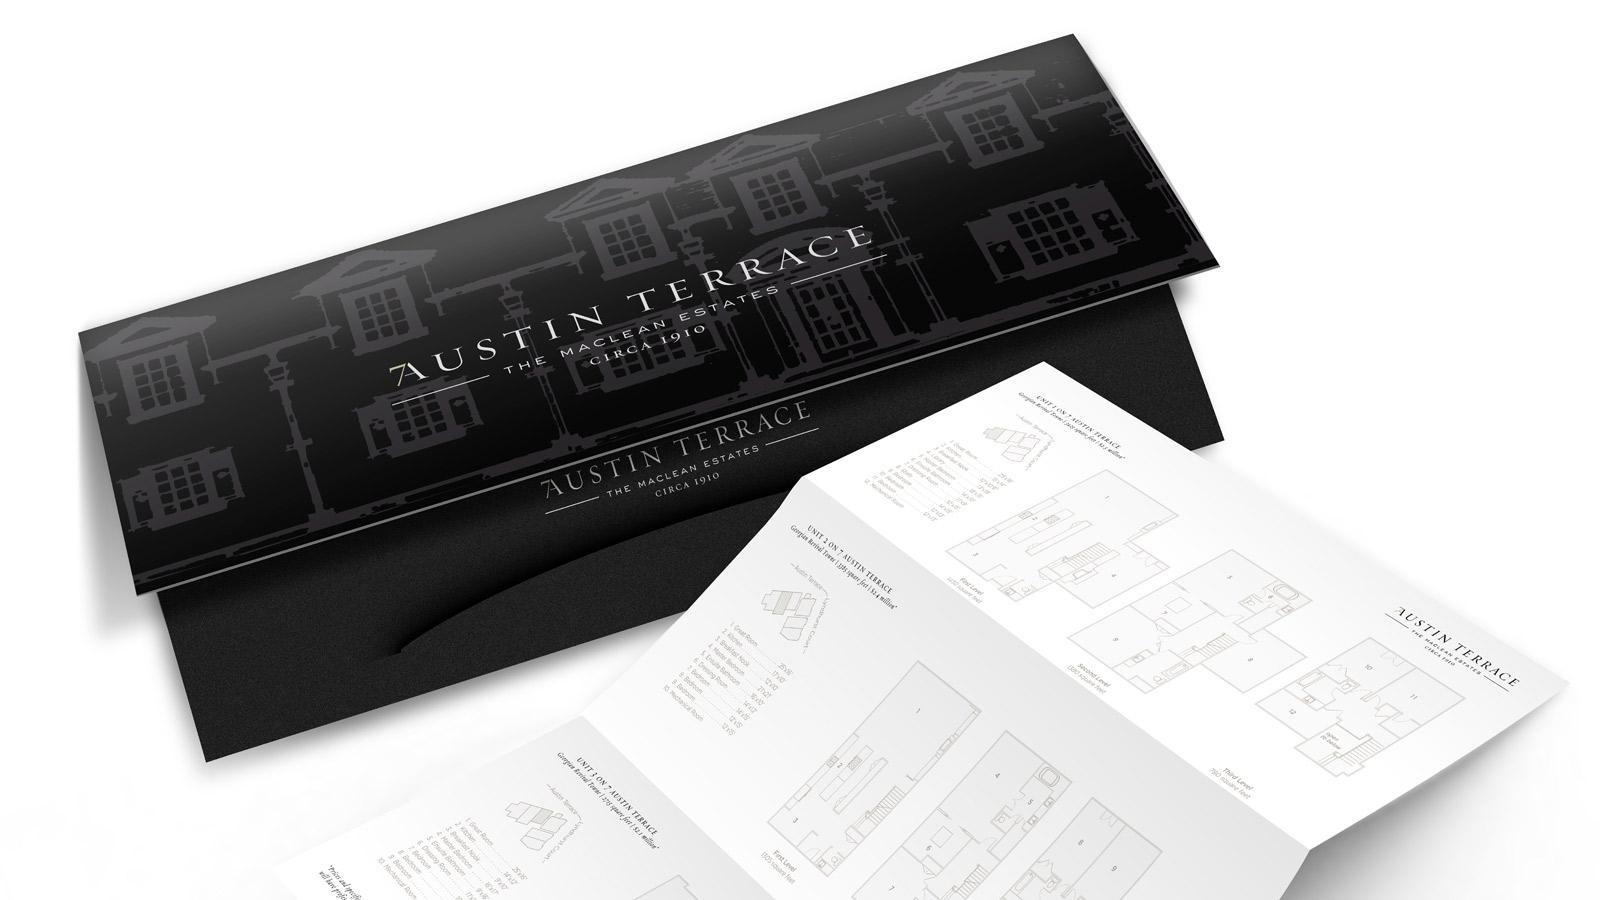 7 Austin Terrace | Identité visuelle | Collatéral, Conception de sites Web / Développement, Design, Imprimé, Marque de lieux